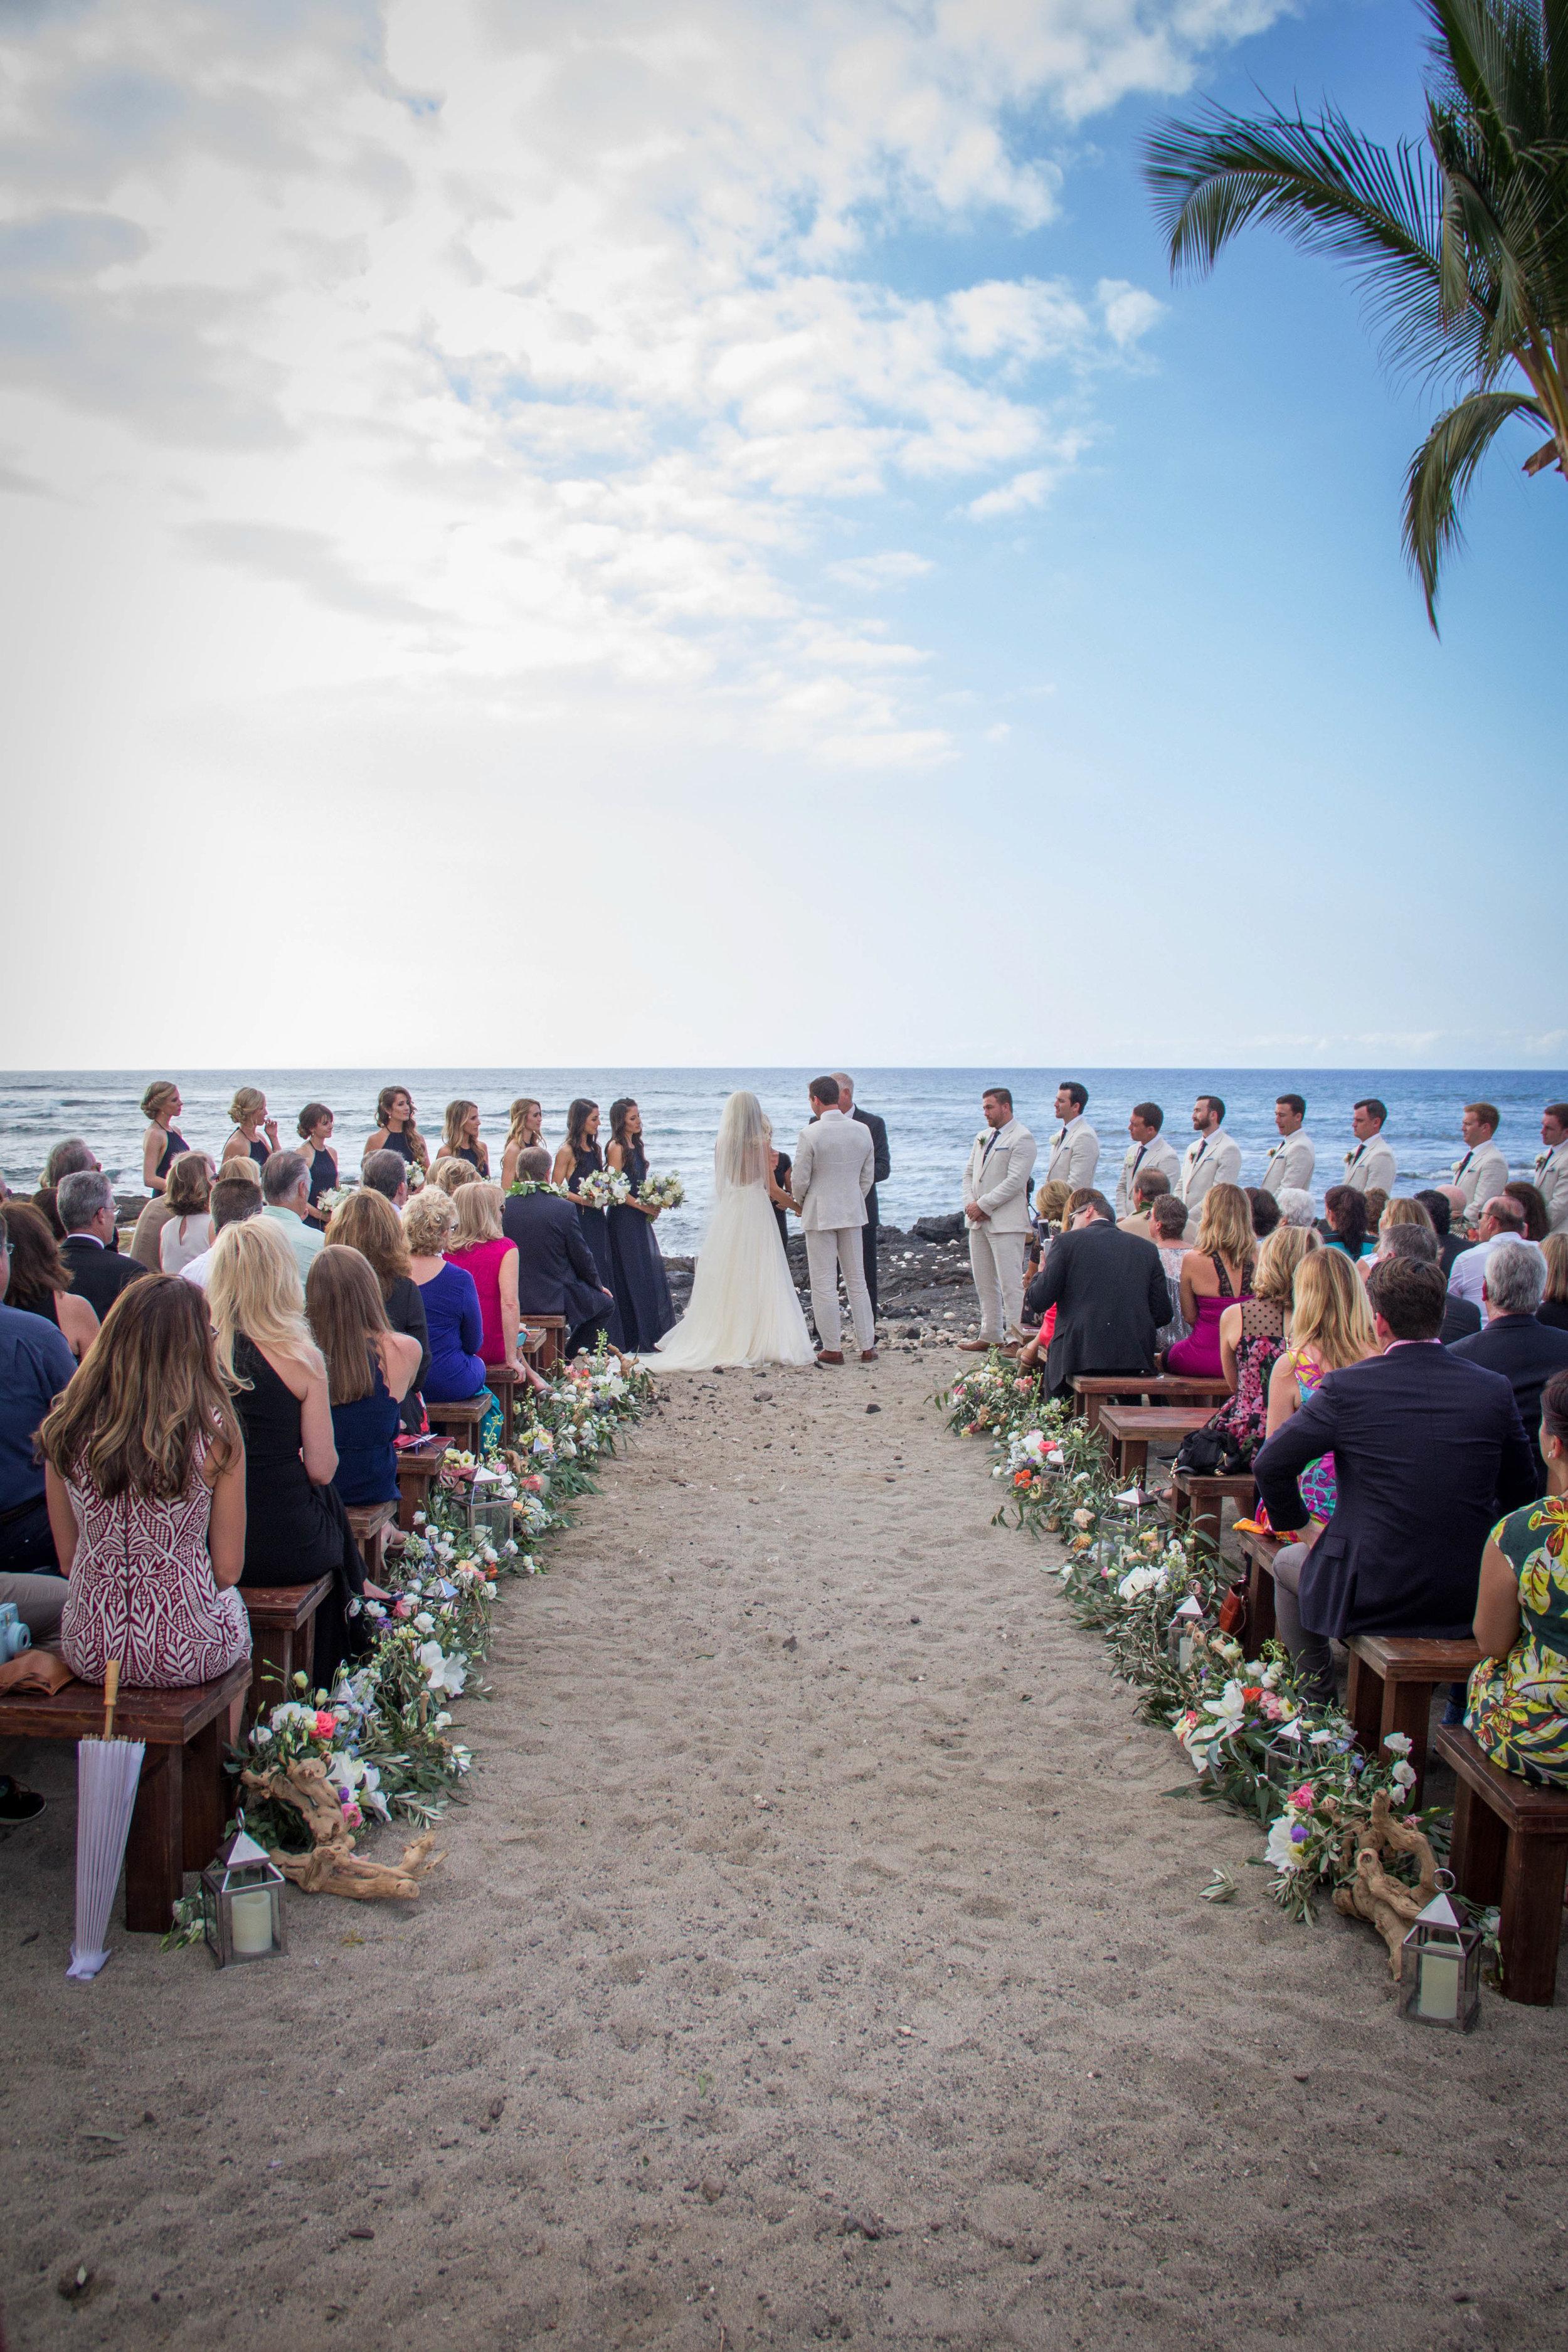 big island hawaii mauna lani resort wedding © kelilina photography 20160131161724-1.jpg